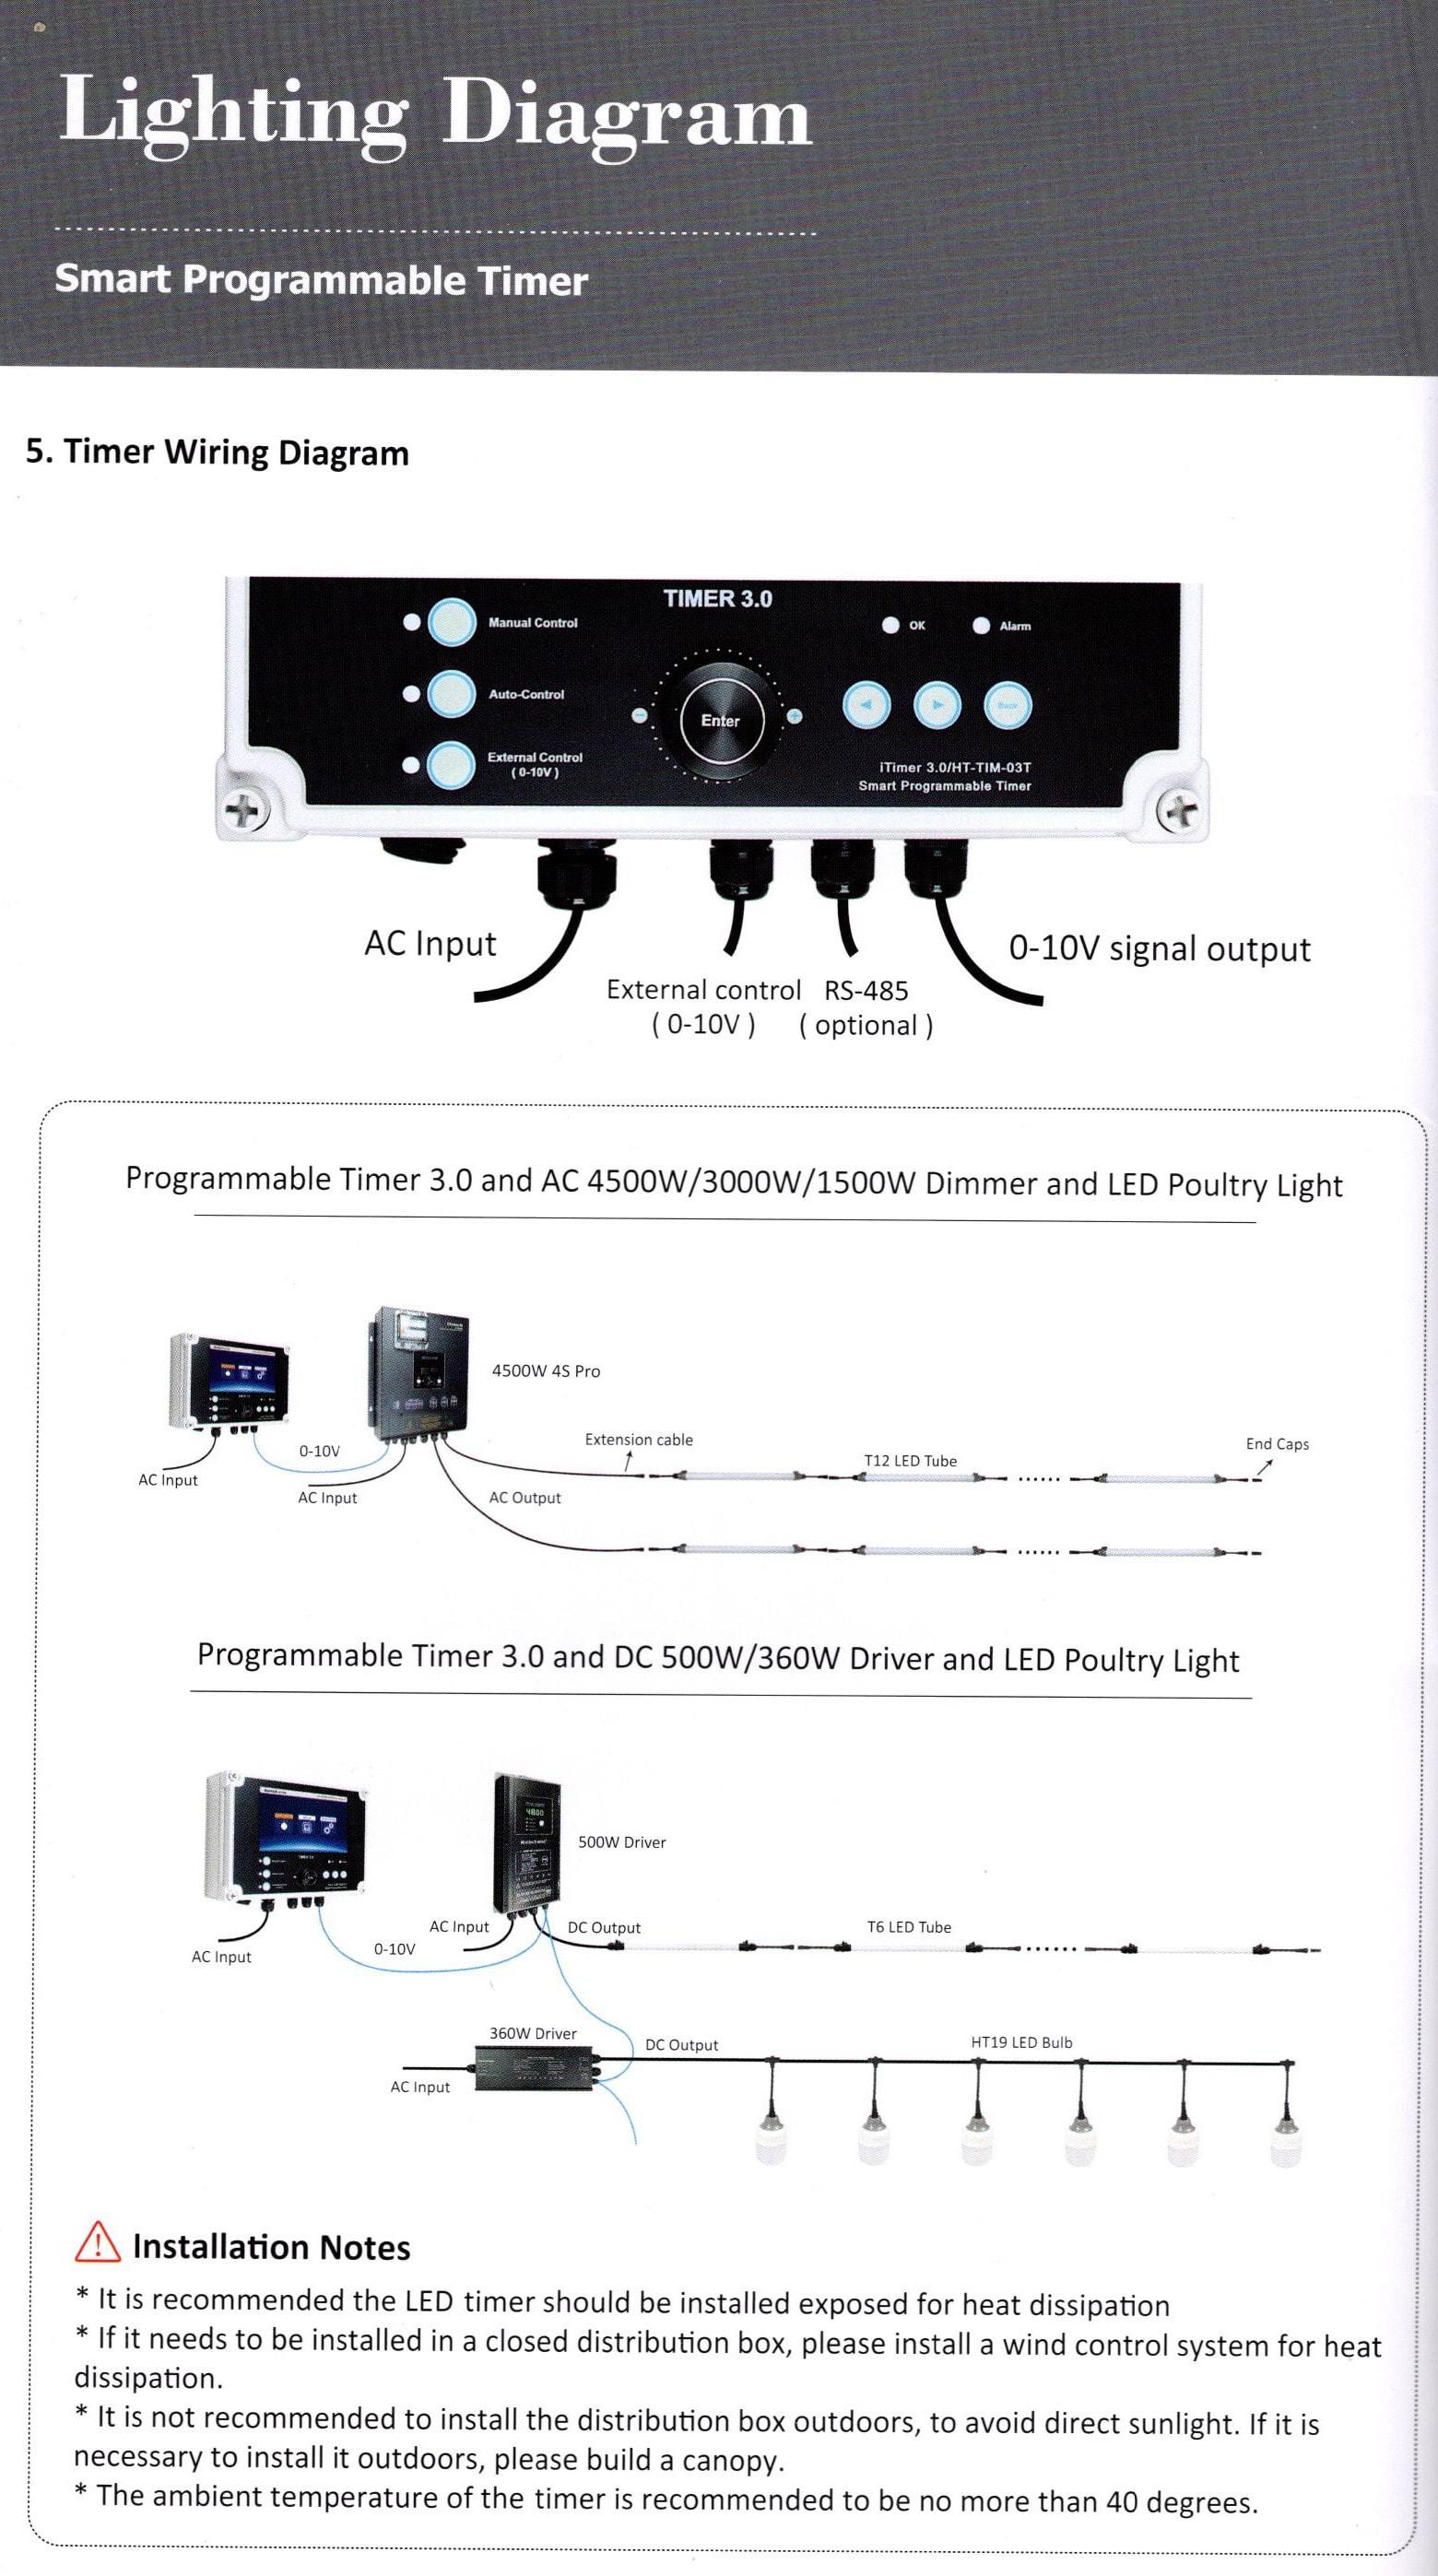 Lighting Dimmer Programmable Timer Model 3.0